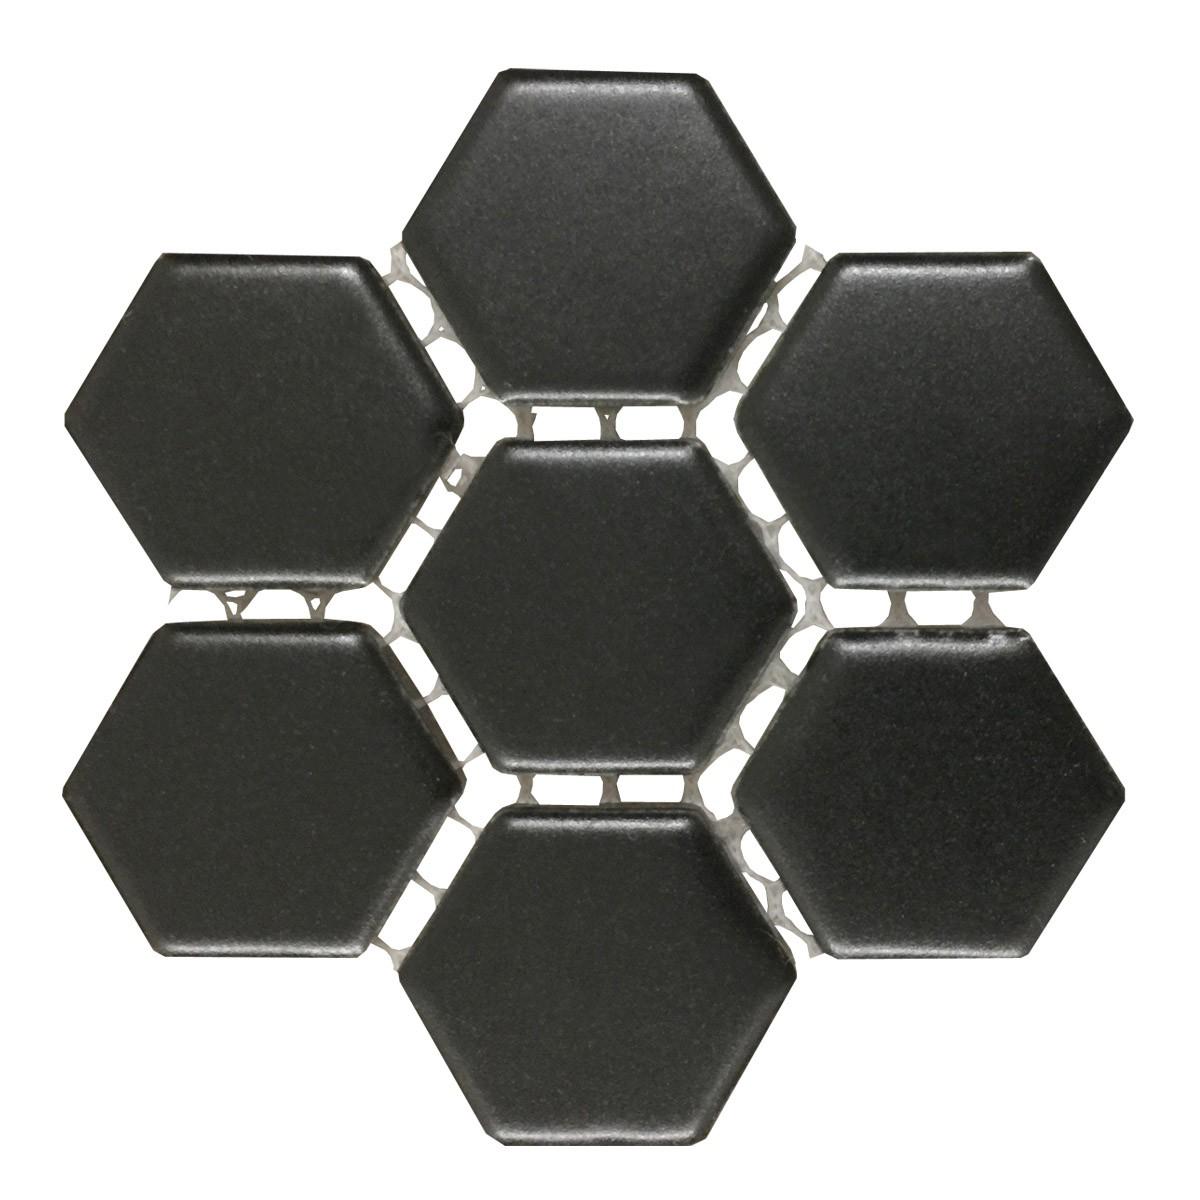 Floor Tiles Mosaic Wall Tiles Mosaic Wall Tiles Ceramic